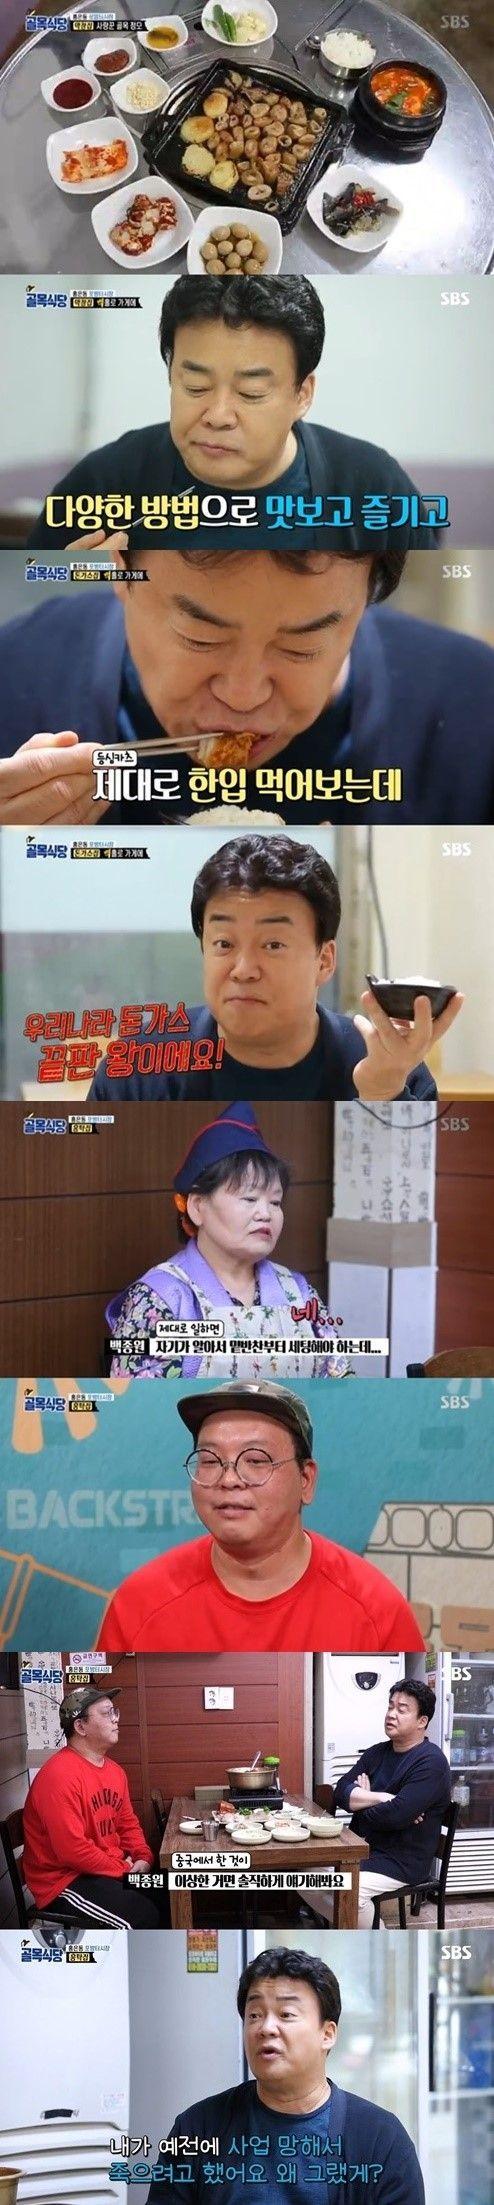 '골목식당' 백종원이 일갈을 날렸다. 사진=SBS '백종원의 골목식당' 방송화면 캡처